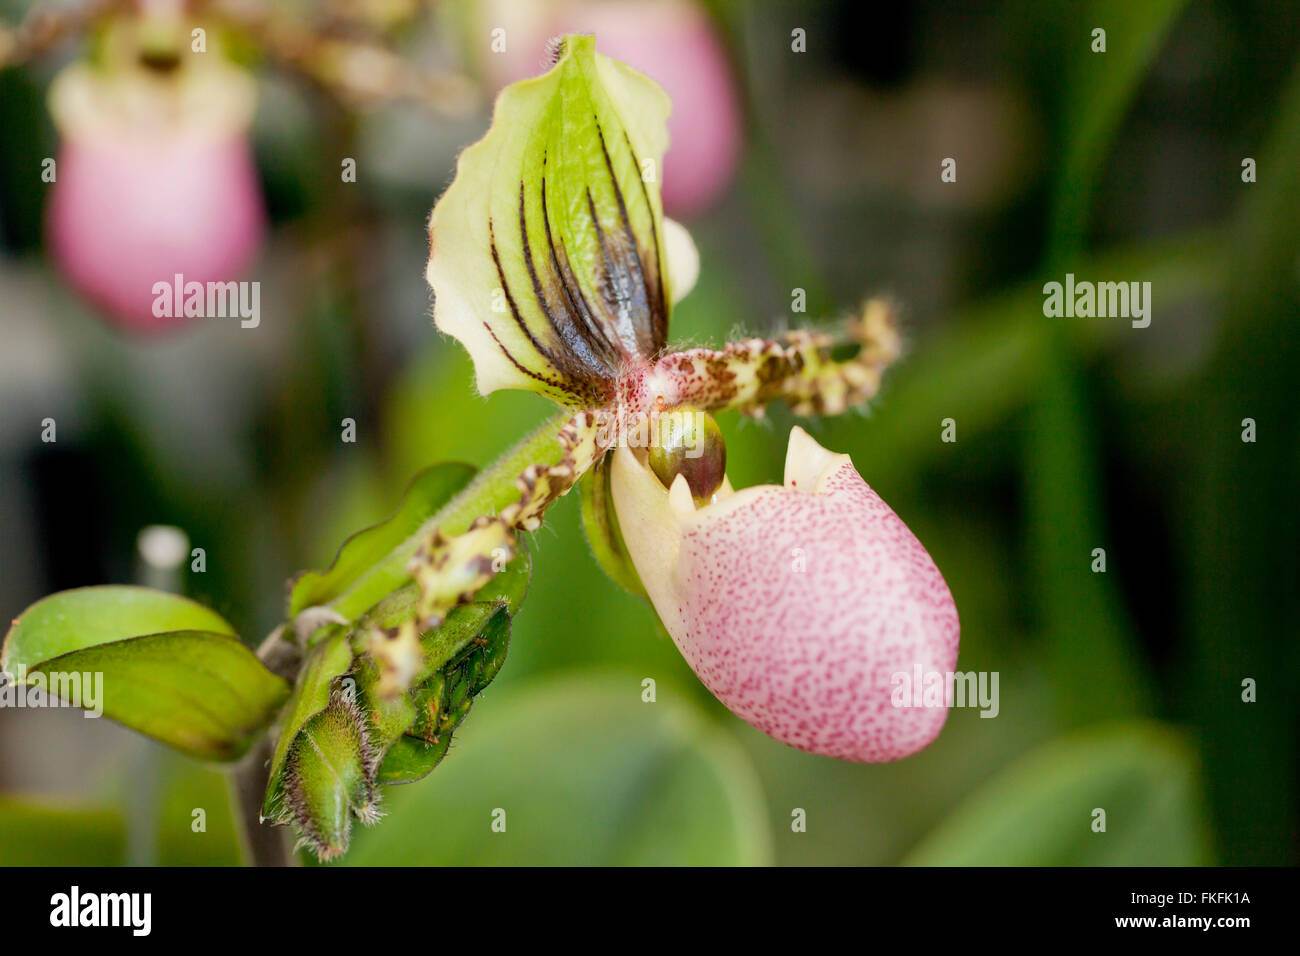 Paphiopedilum victoria-regina orchid flower native to Sumatra - Stock Image